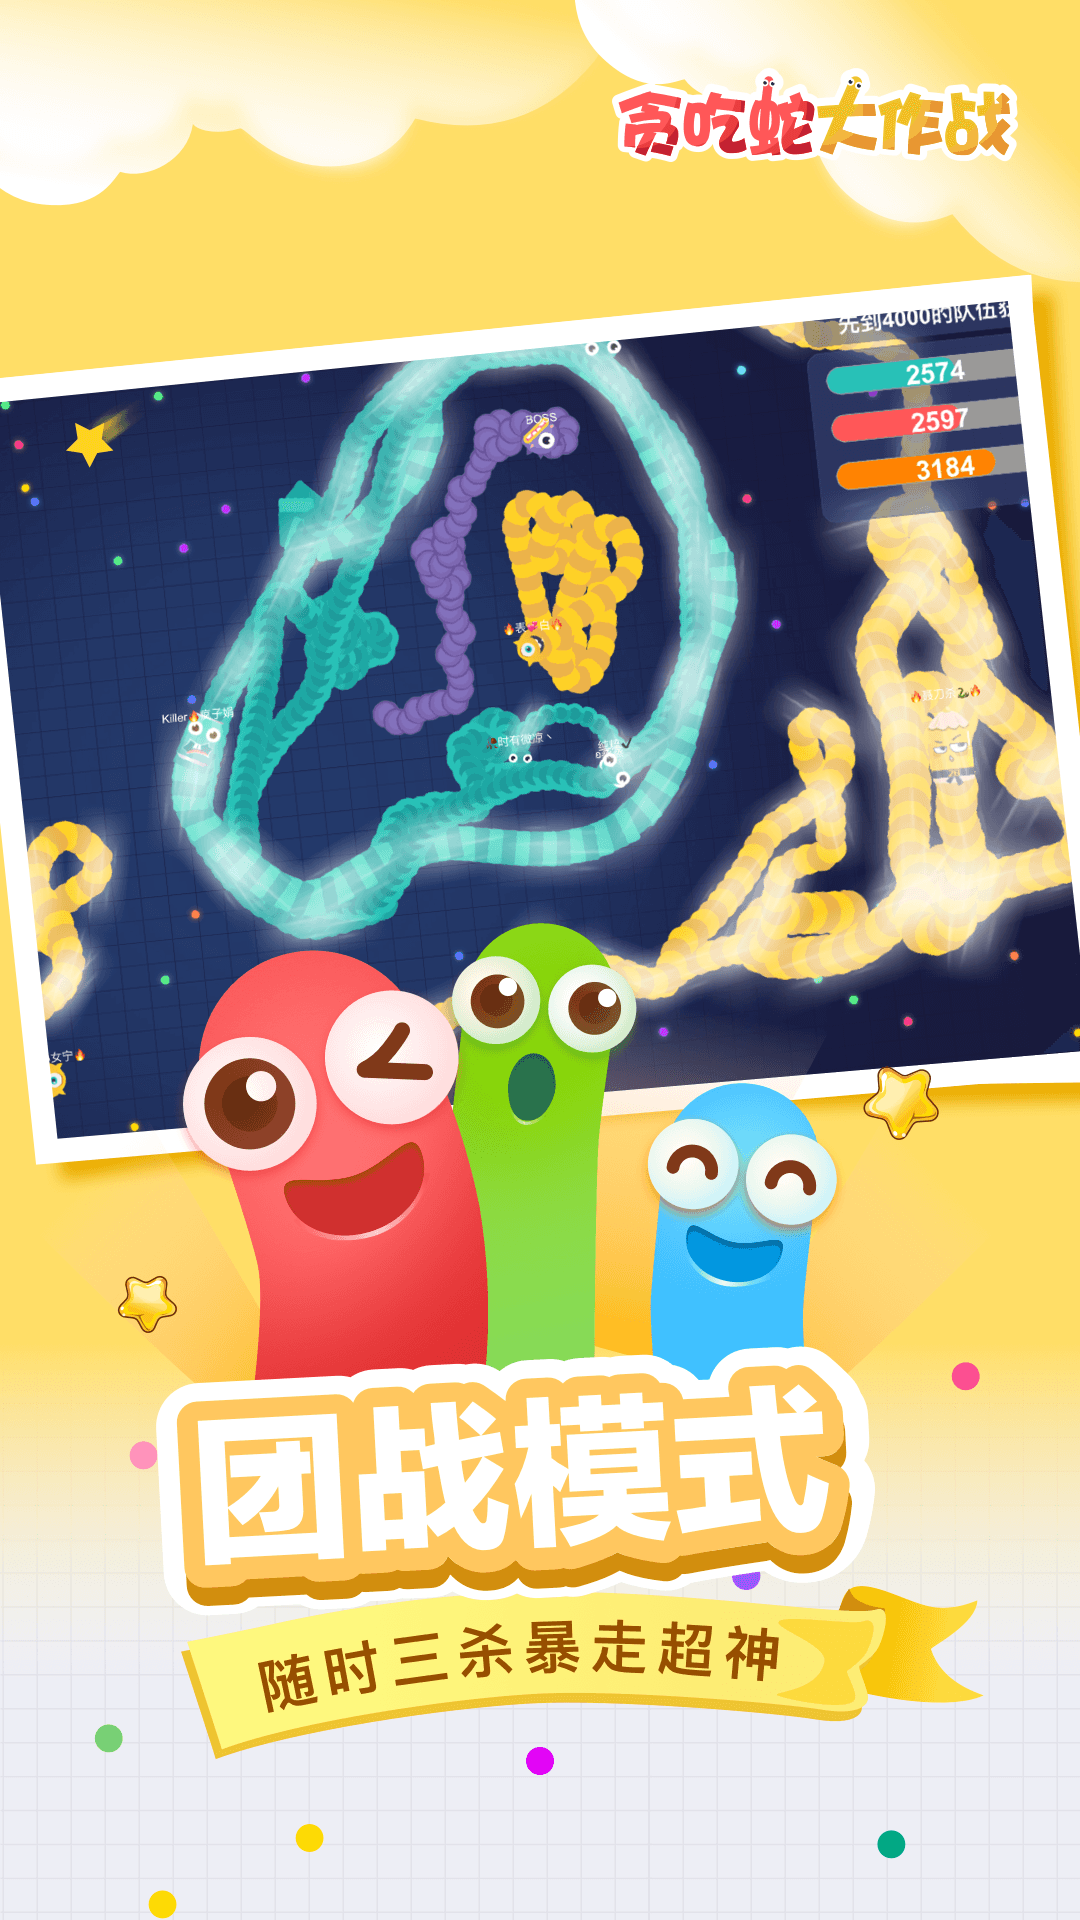 贪吃蛇大作战®-集福迎新春截图